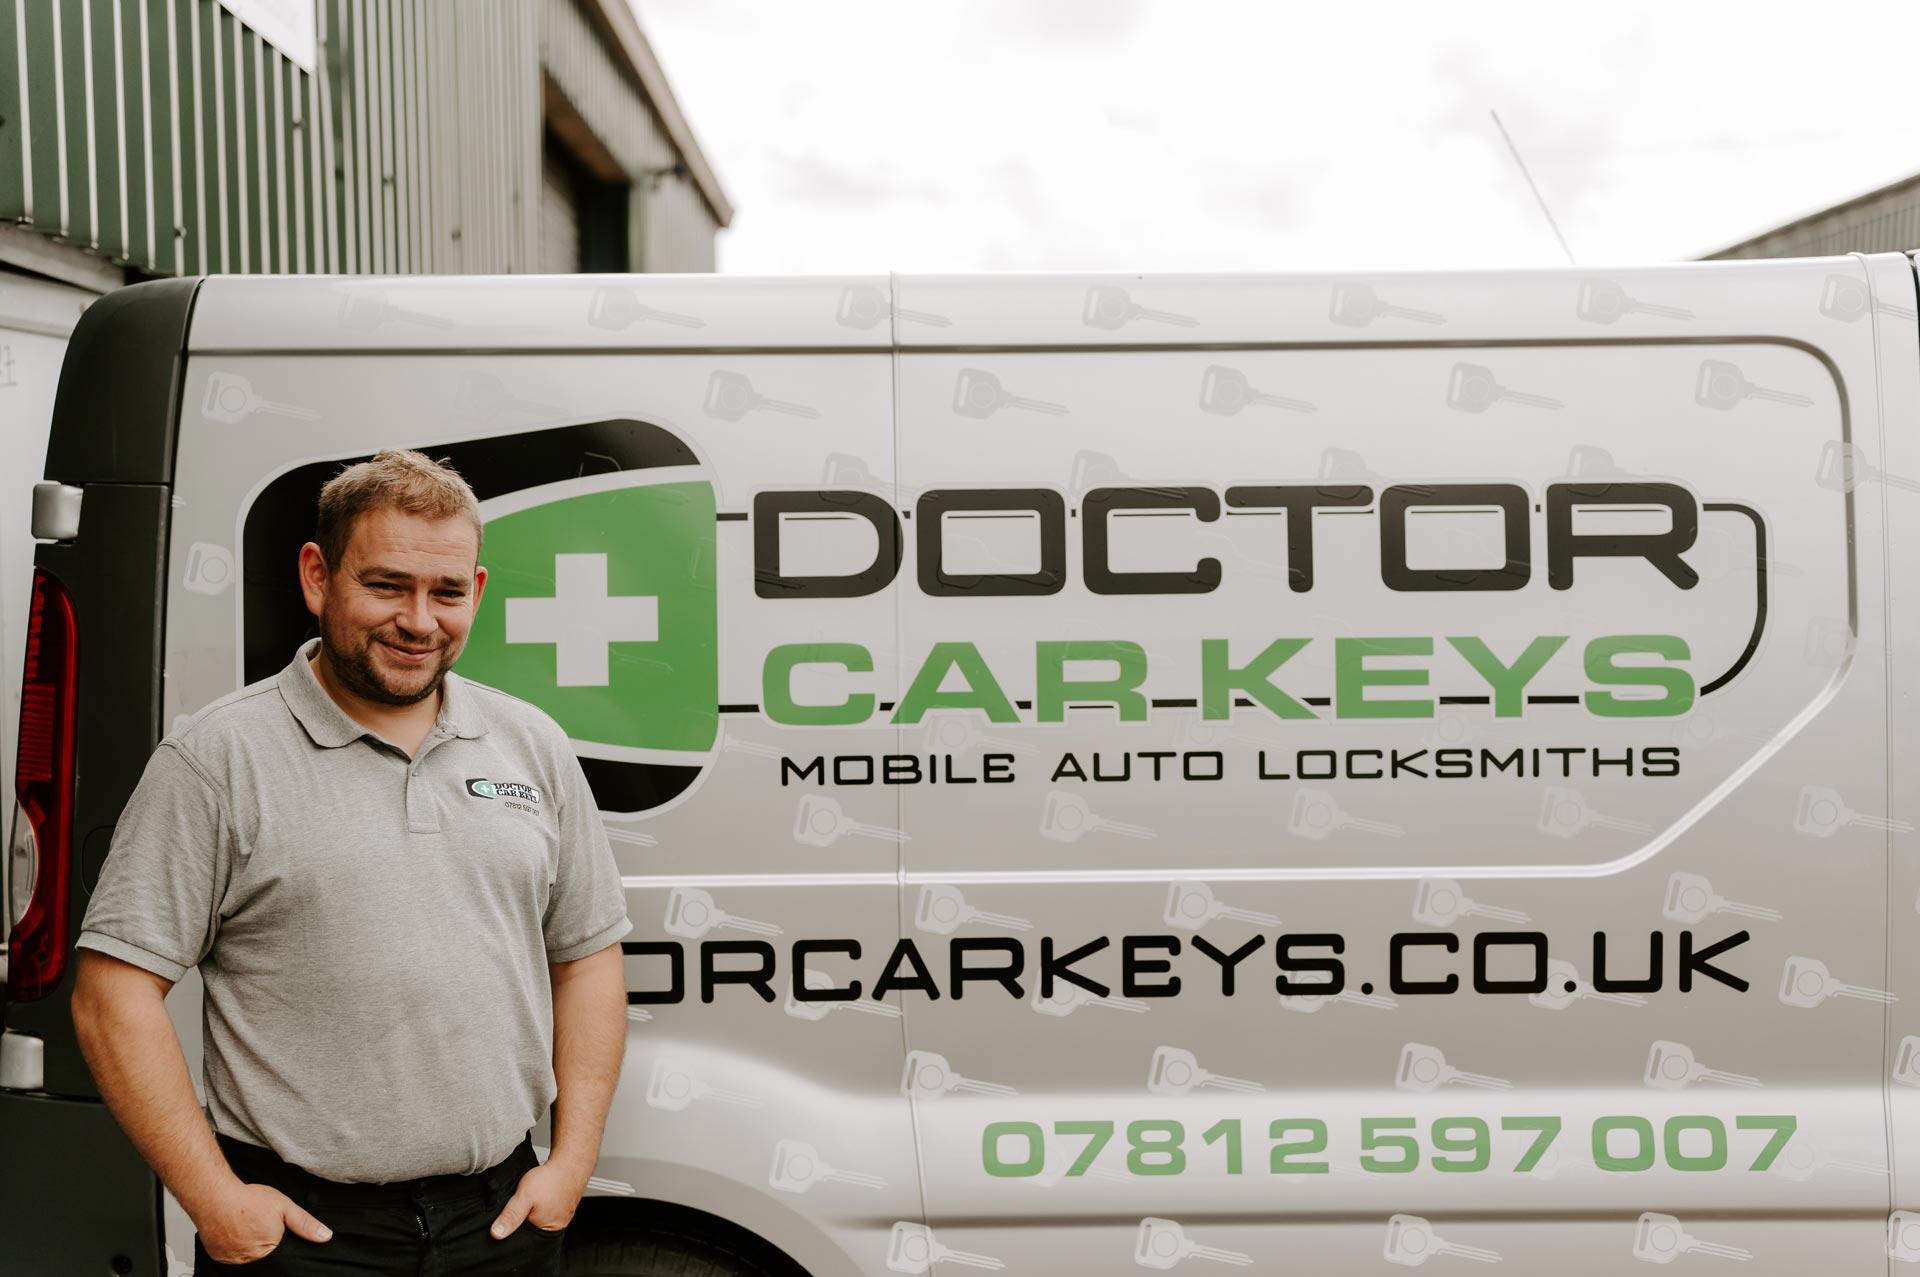 Auto Locksmiths in Aldershot